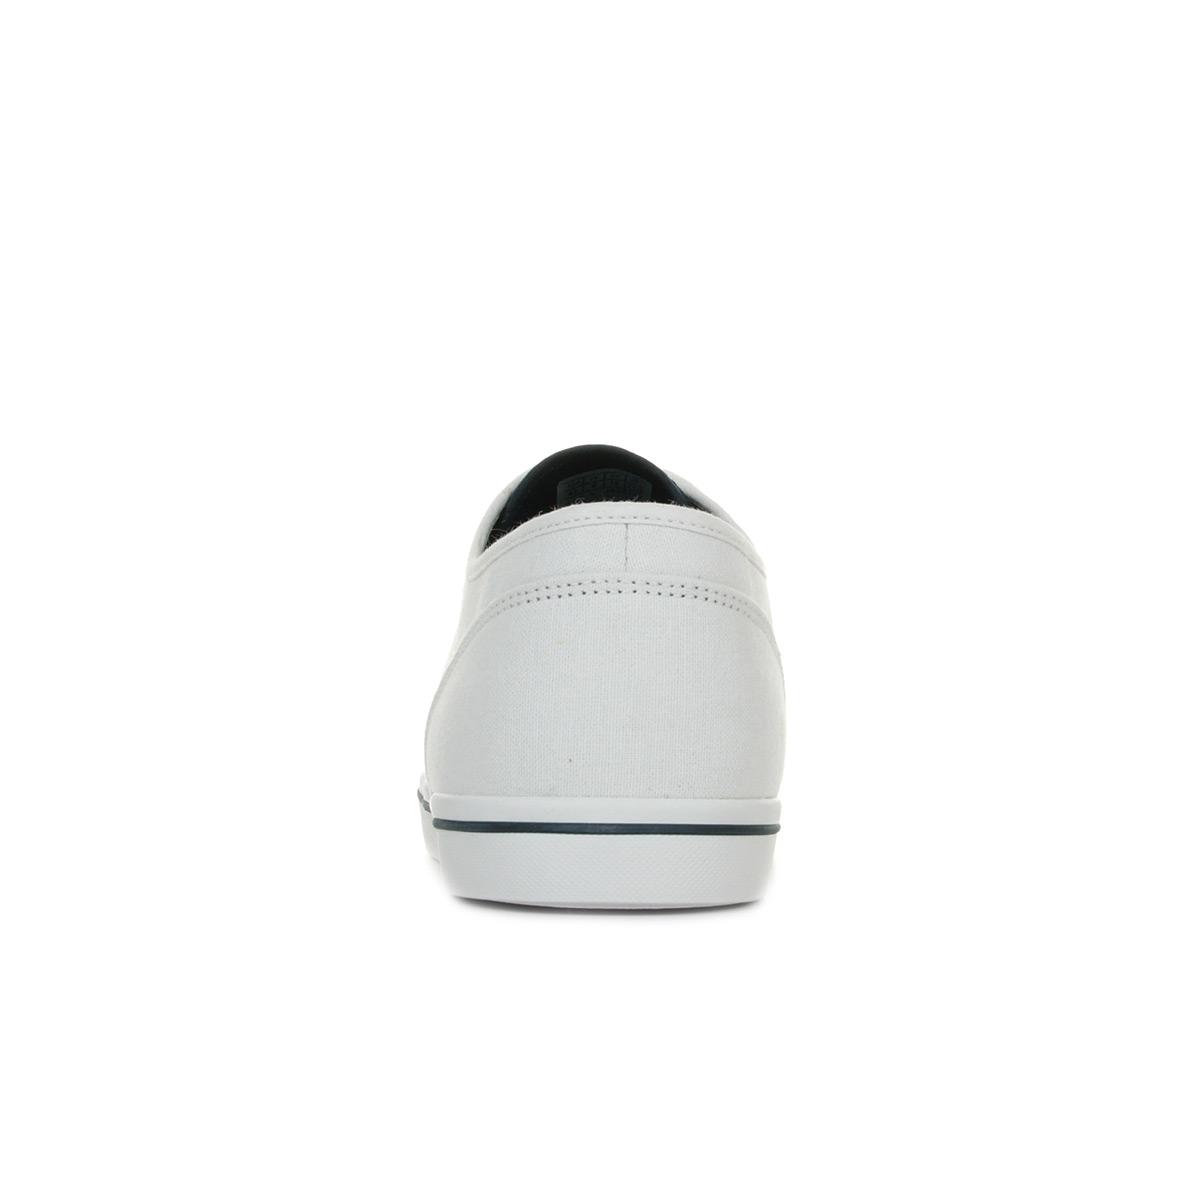 Le Coq Sportif Aceone Cvs 1620152, Baskets mode homme